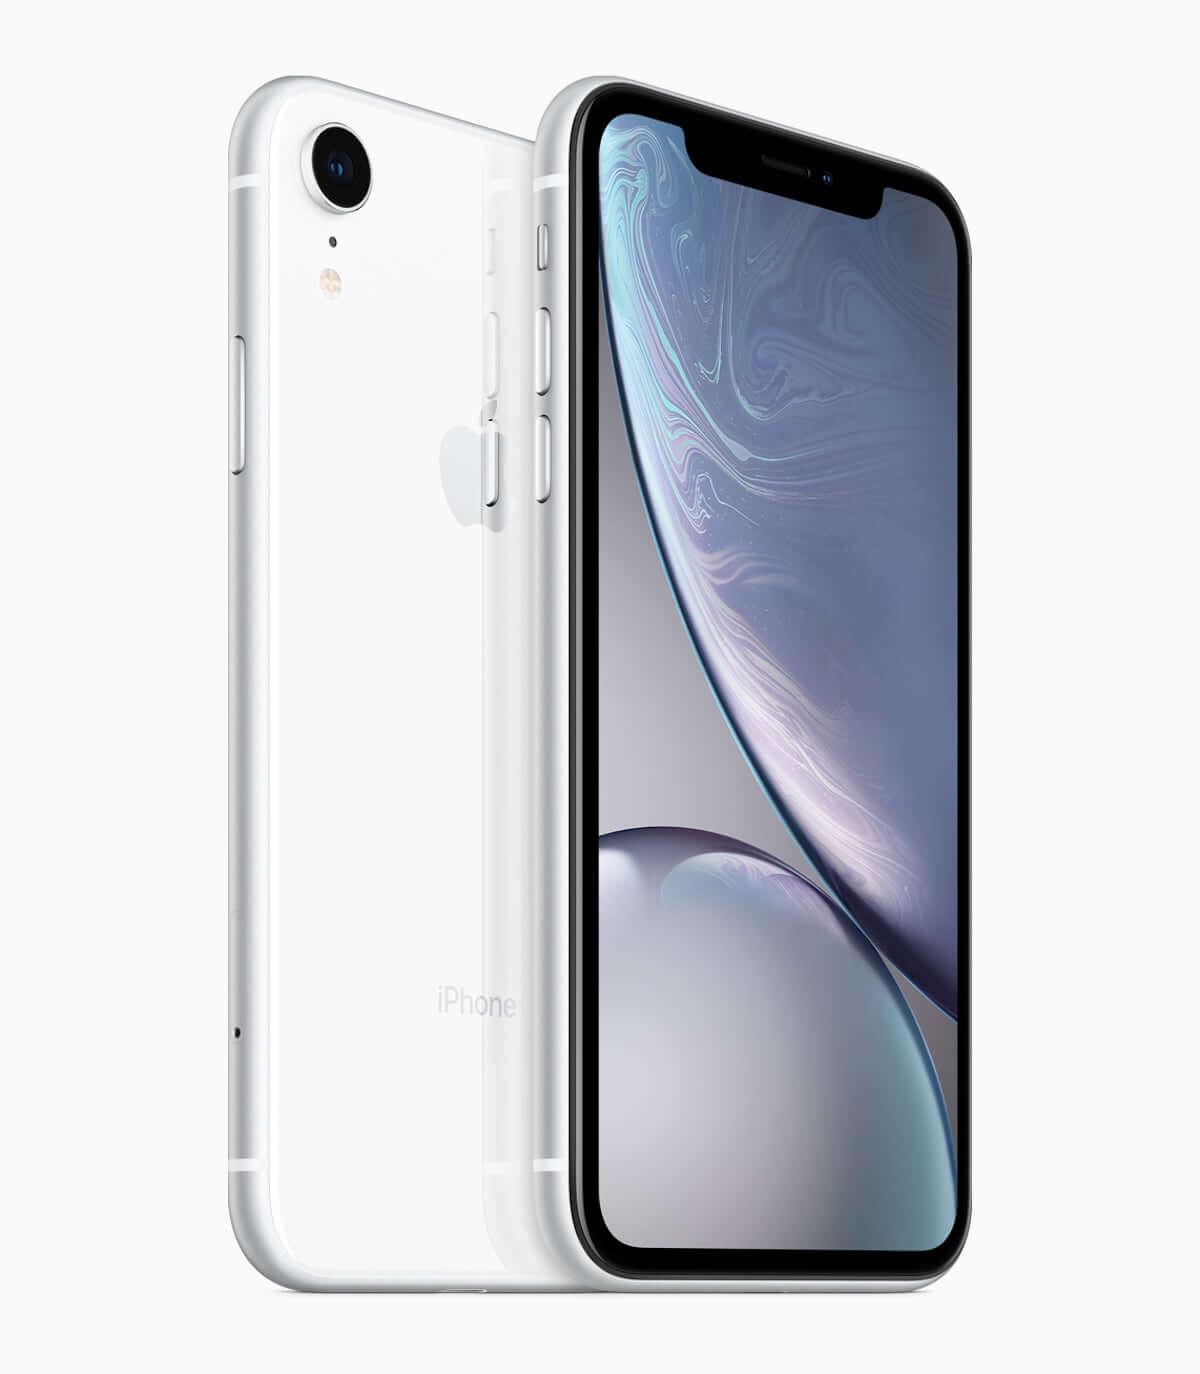 iPhone XRの店頭在庫状況。ホワイト、ブラックは在庫豊富、イエロー、ブルーは品薄? technology181022_iphone-xr_6-1200x1374